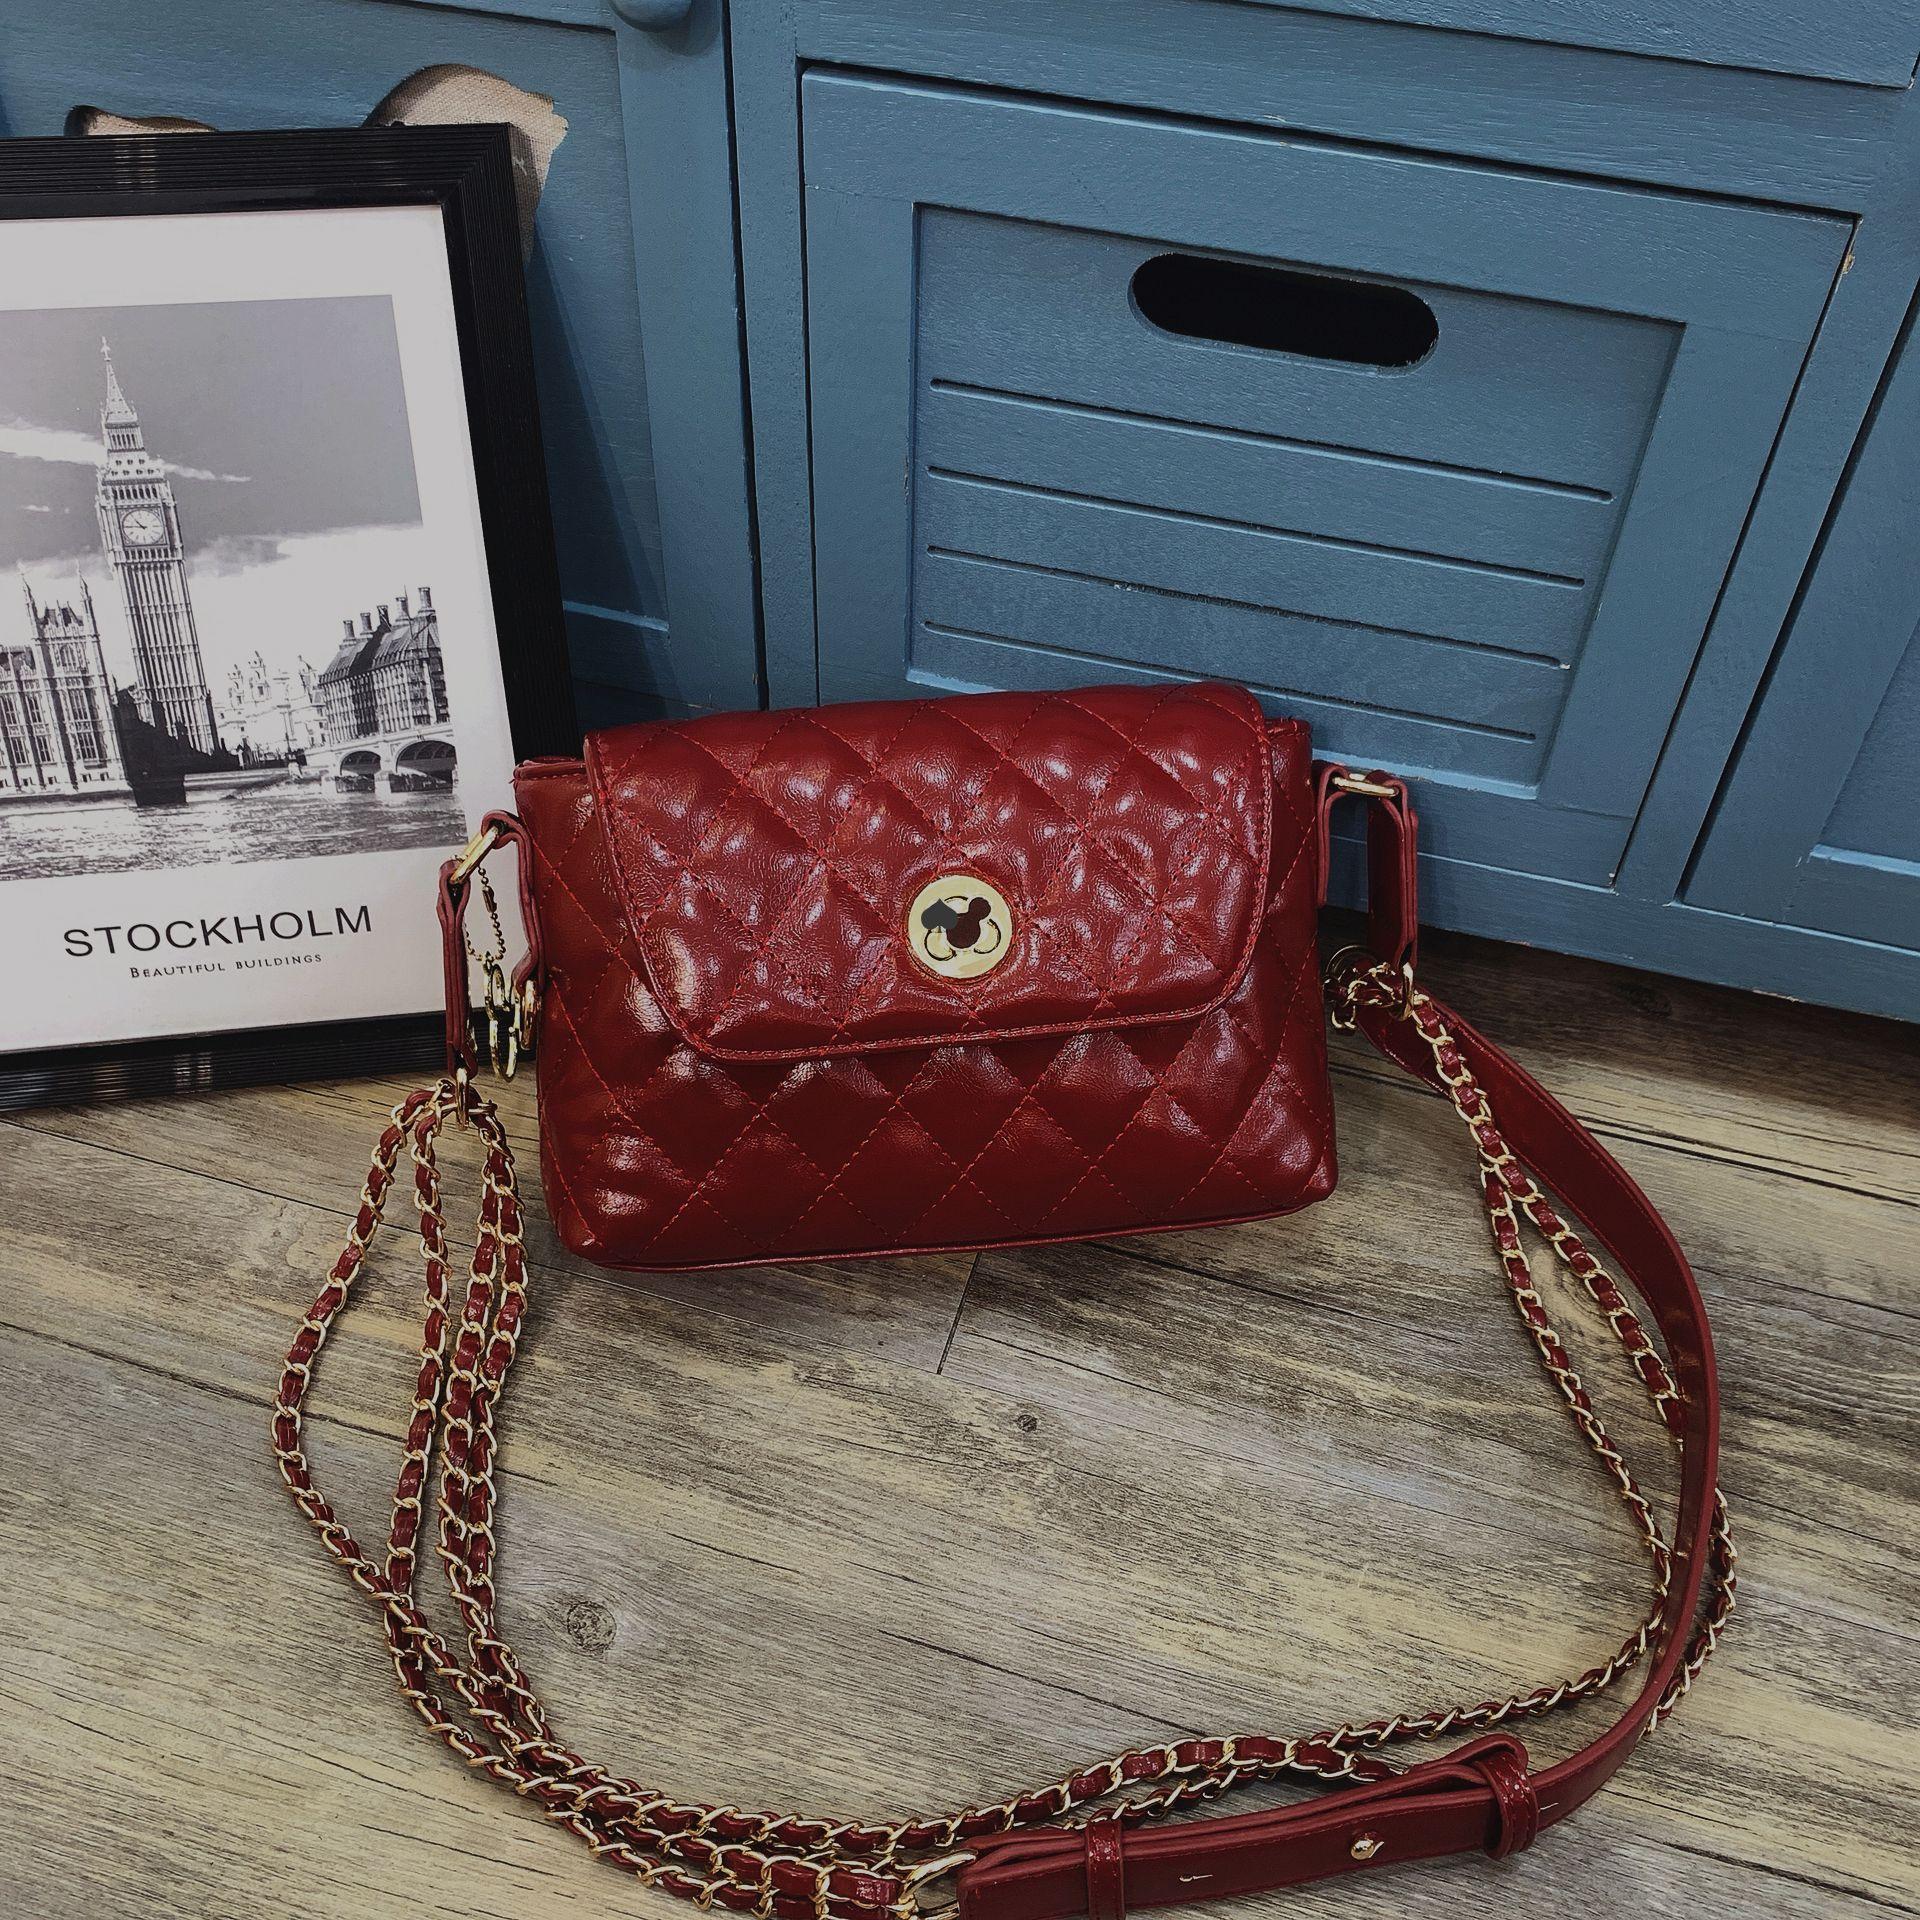 Women Leather Handbags Cherry Top Handle Shoulder Bags